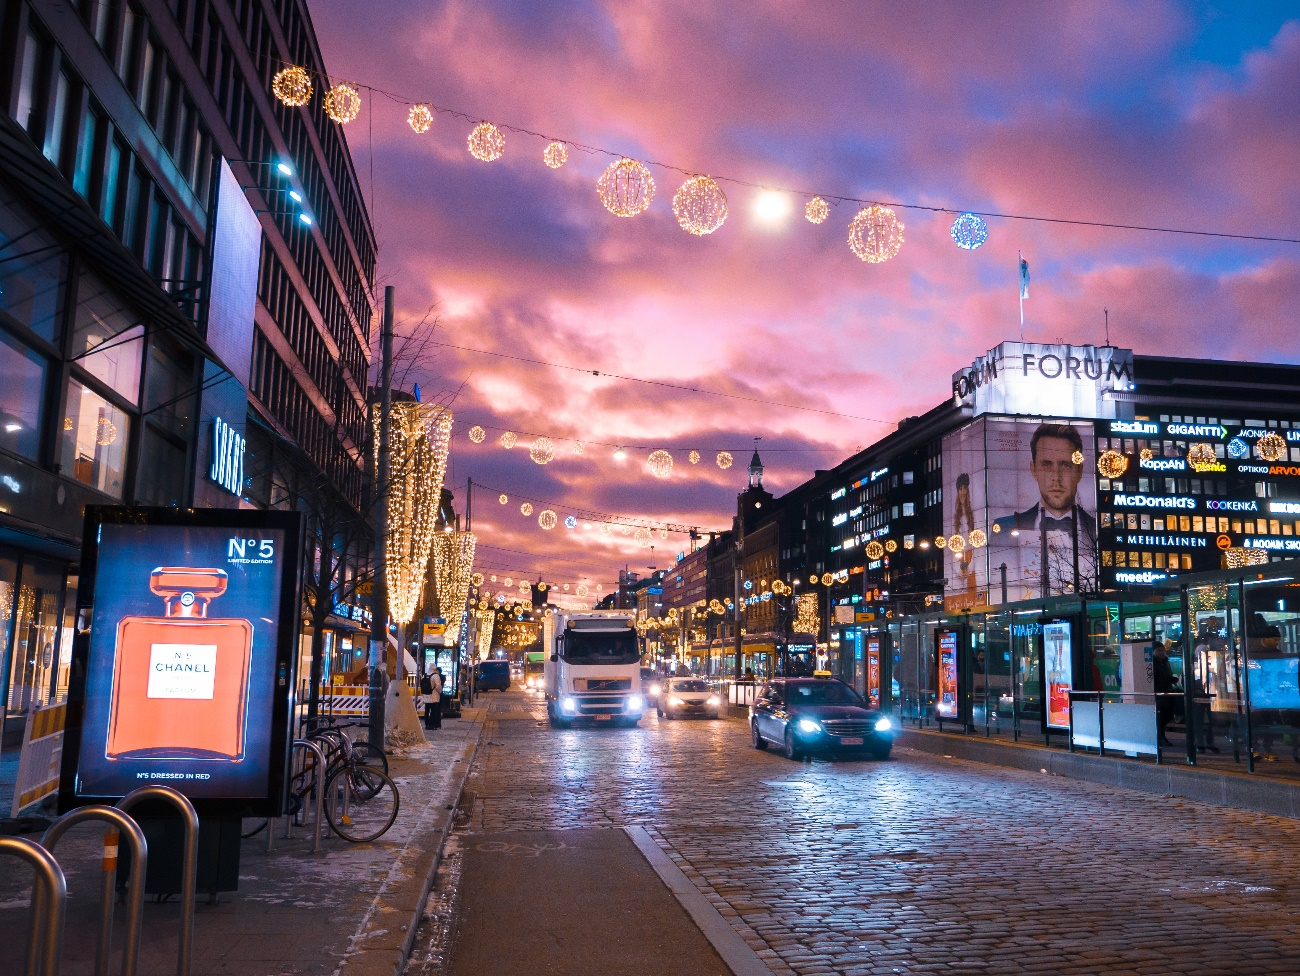 super popular a8278 642e8 ヘルシンキで買い物も楽しもう!おすすめショッピングスポット